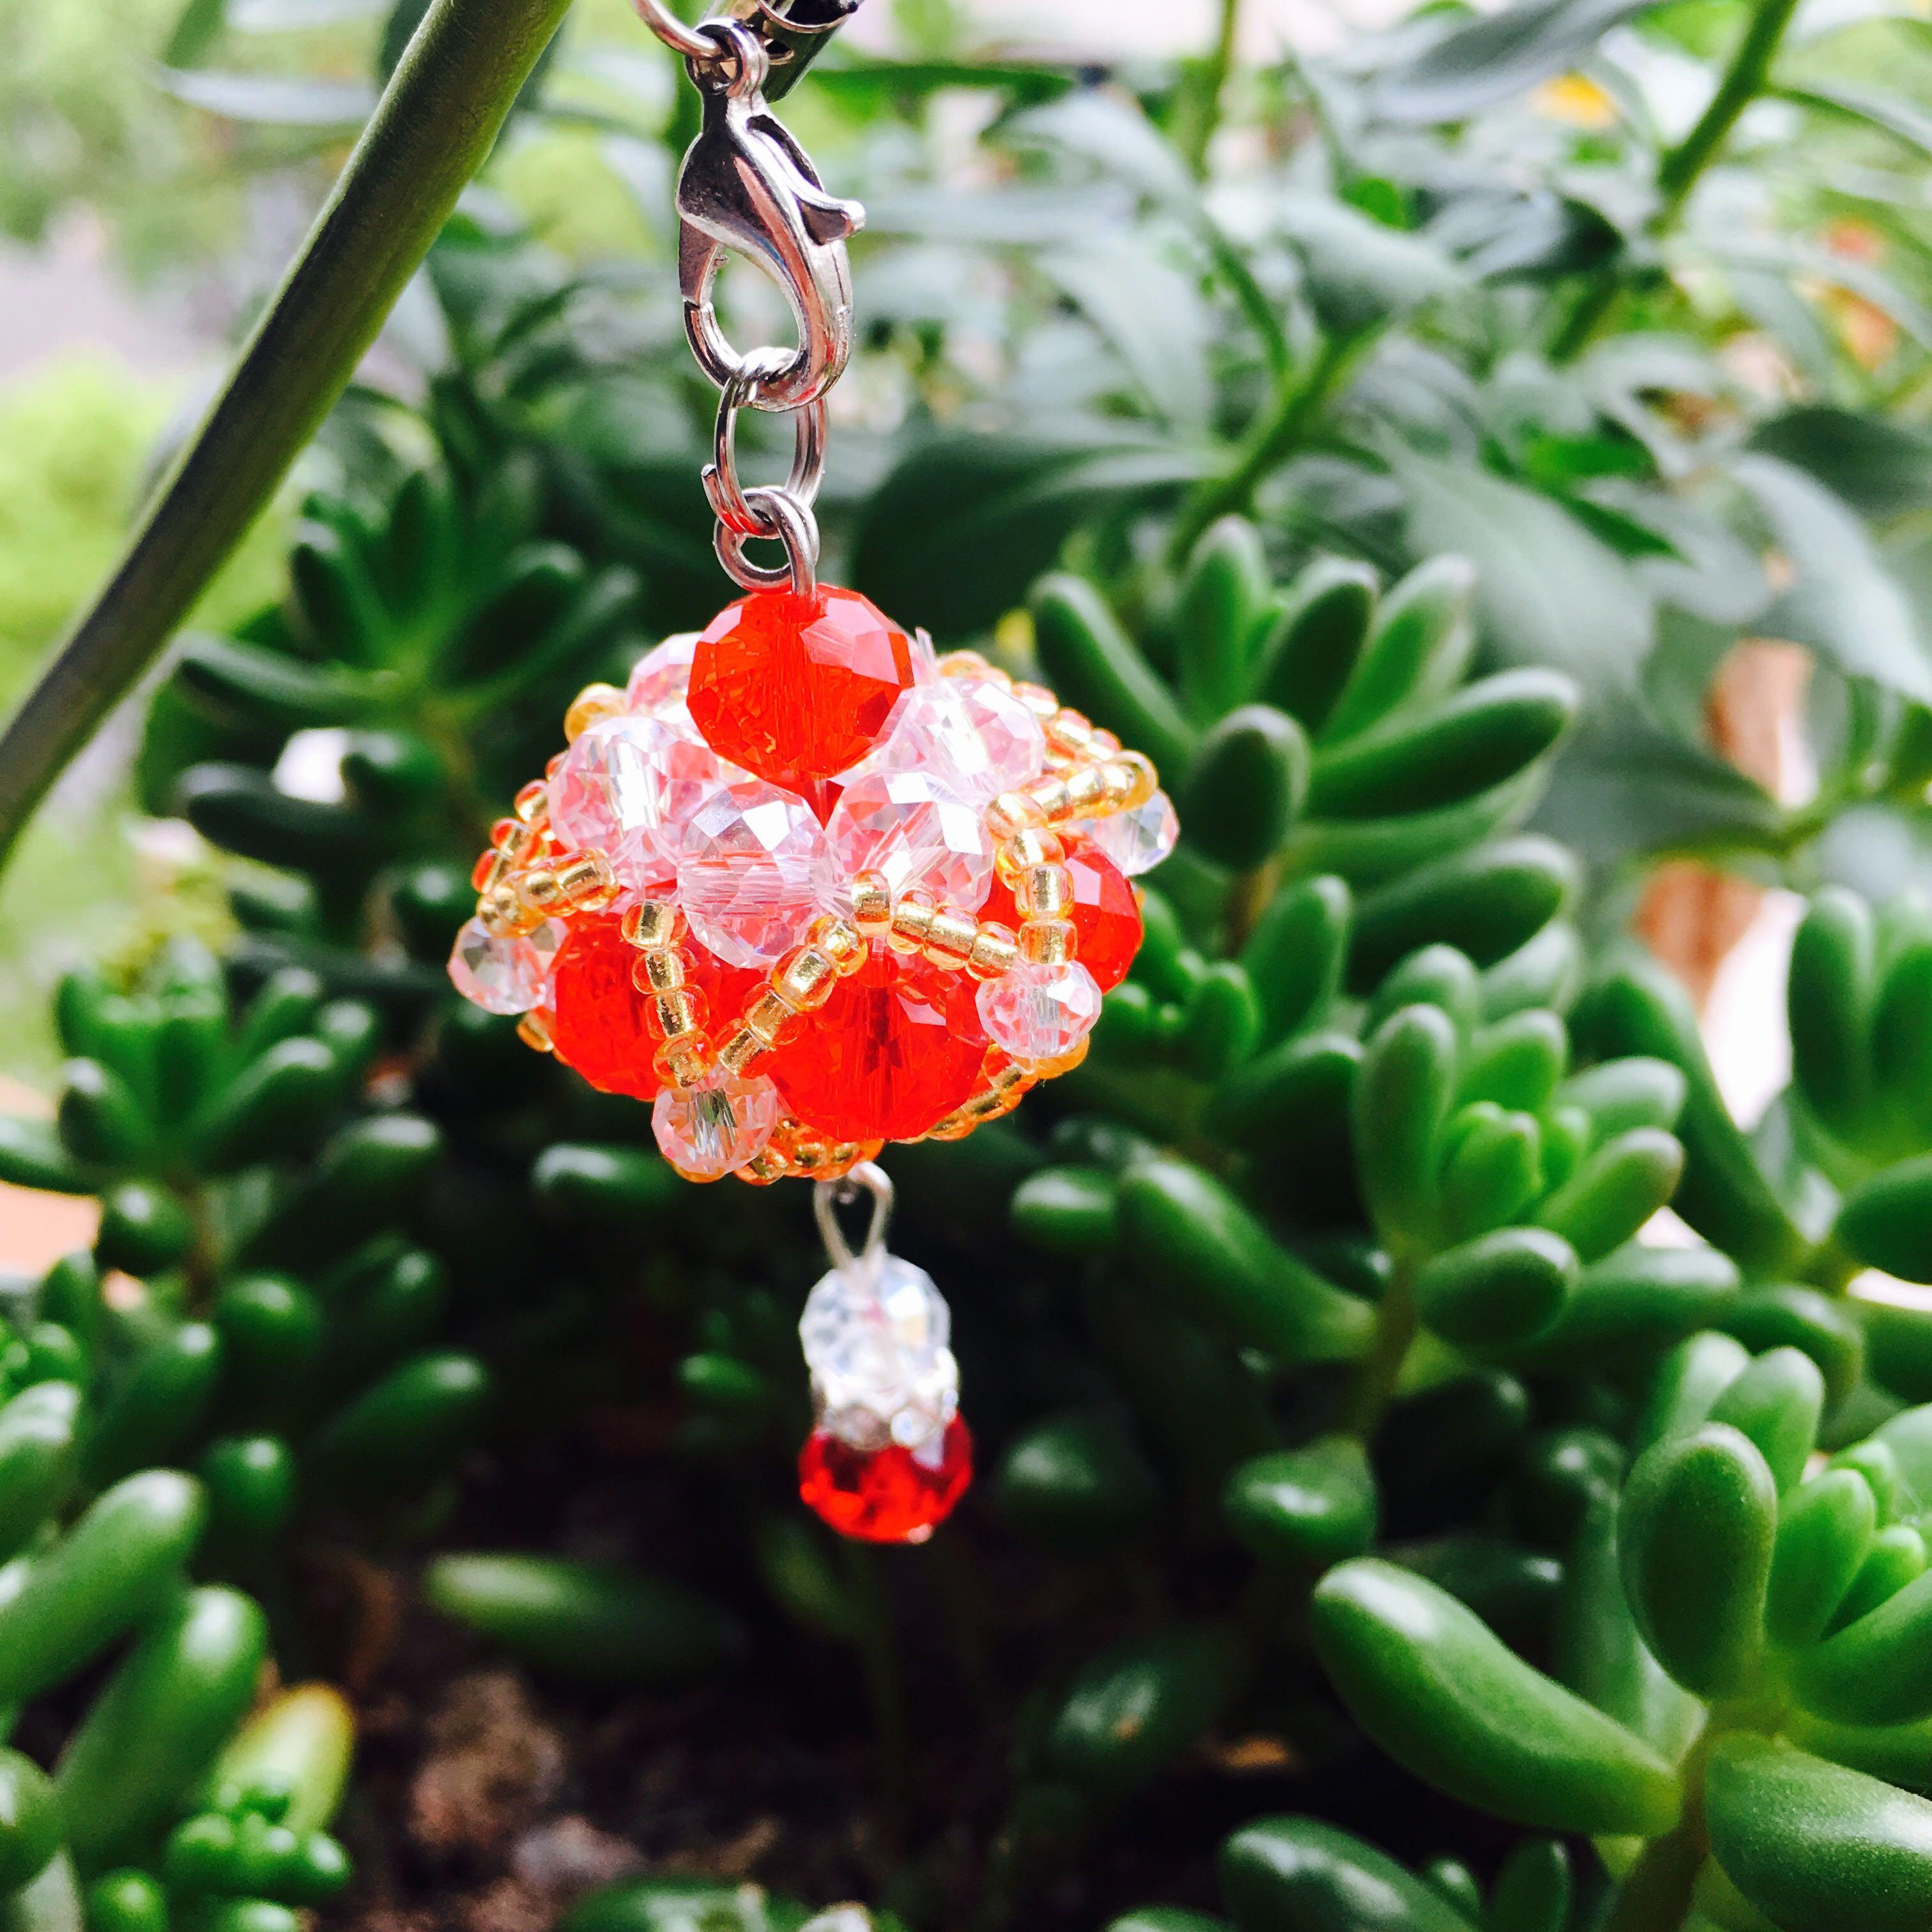 水晶 diy手工串珠包包小飾品 宮燈 掛件珠子編織鑰匙掛飾手工藝品